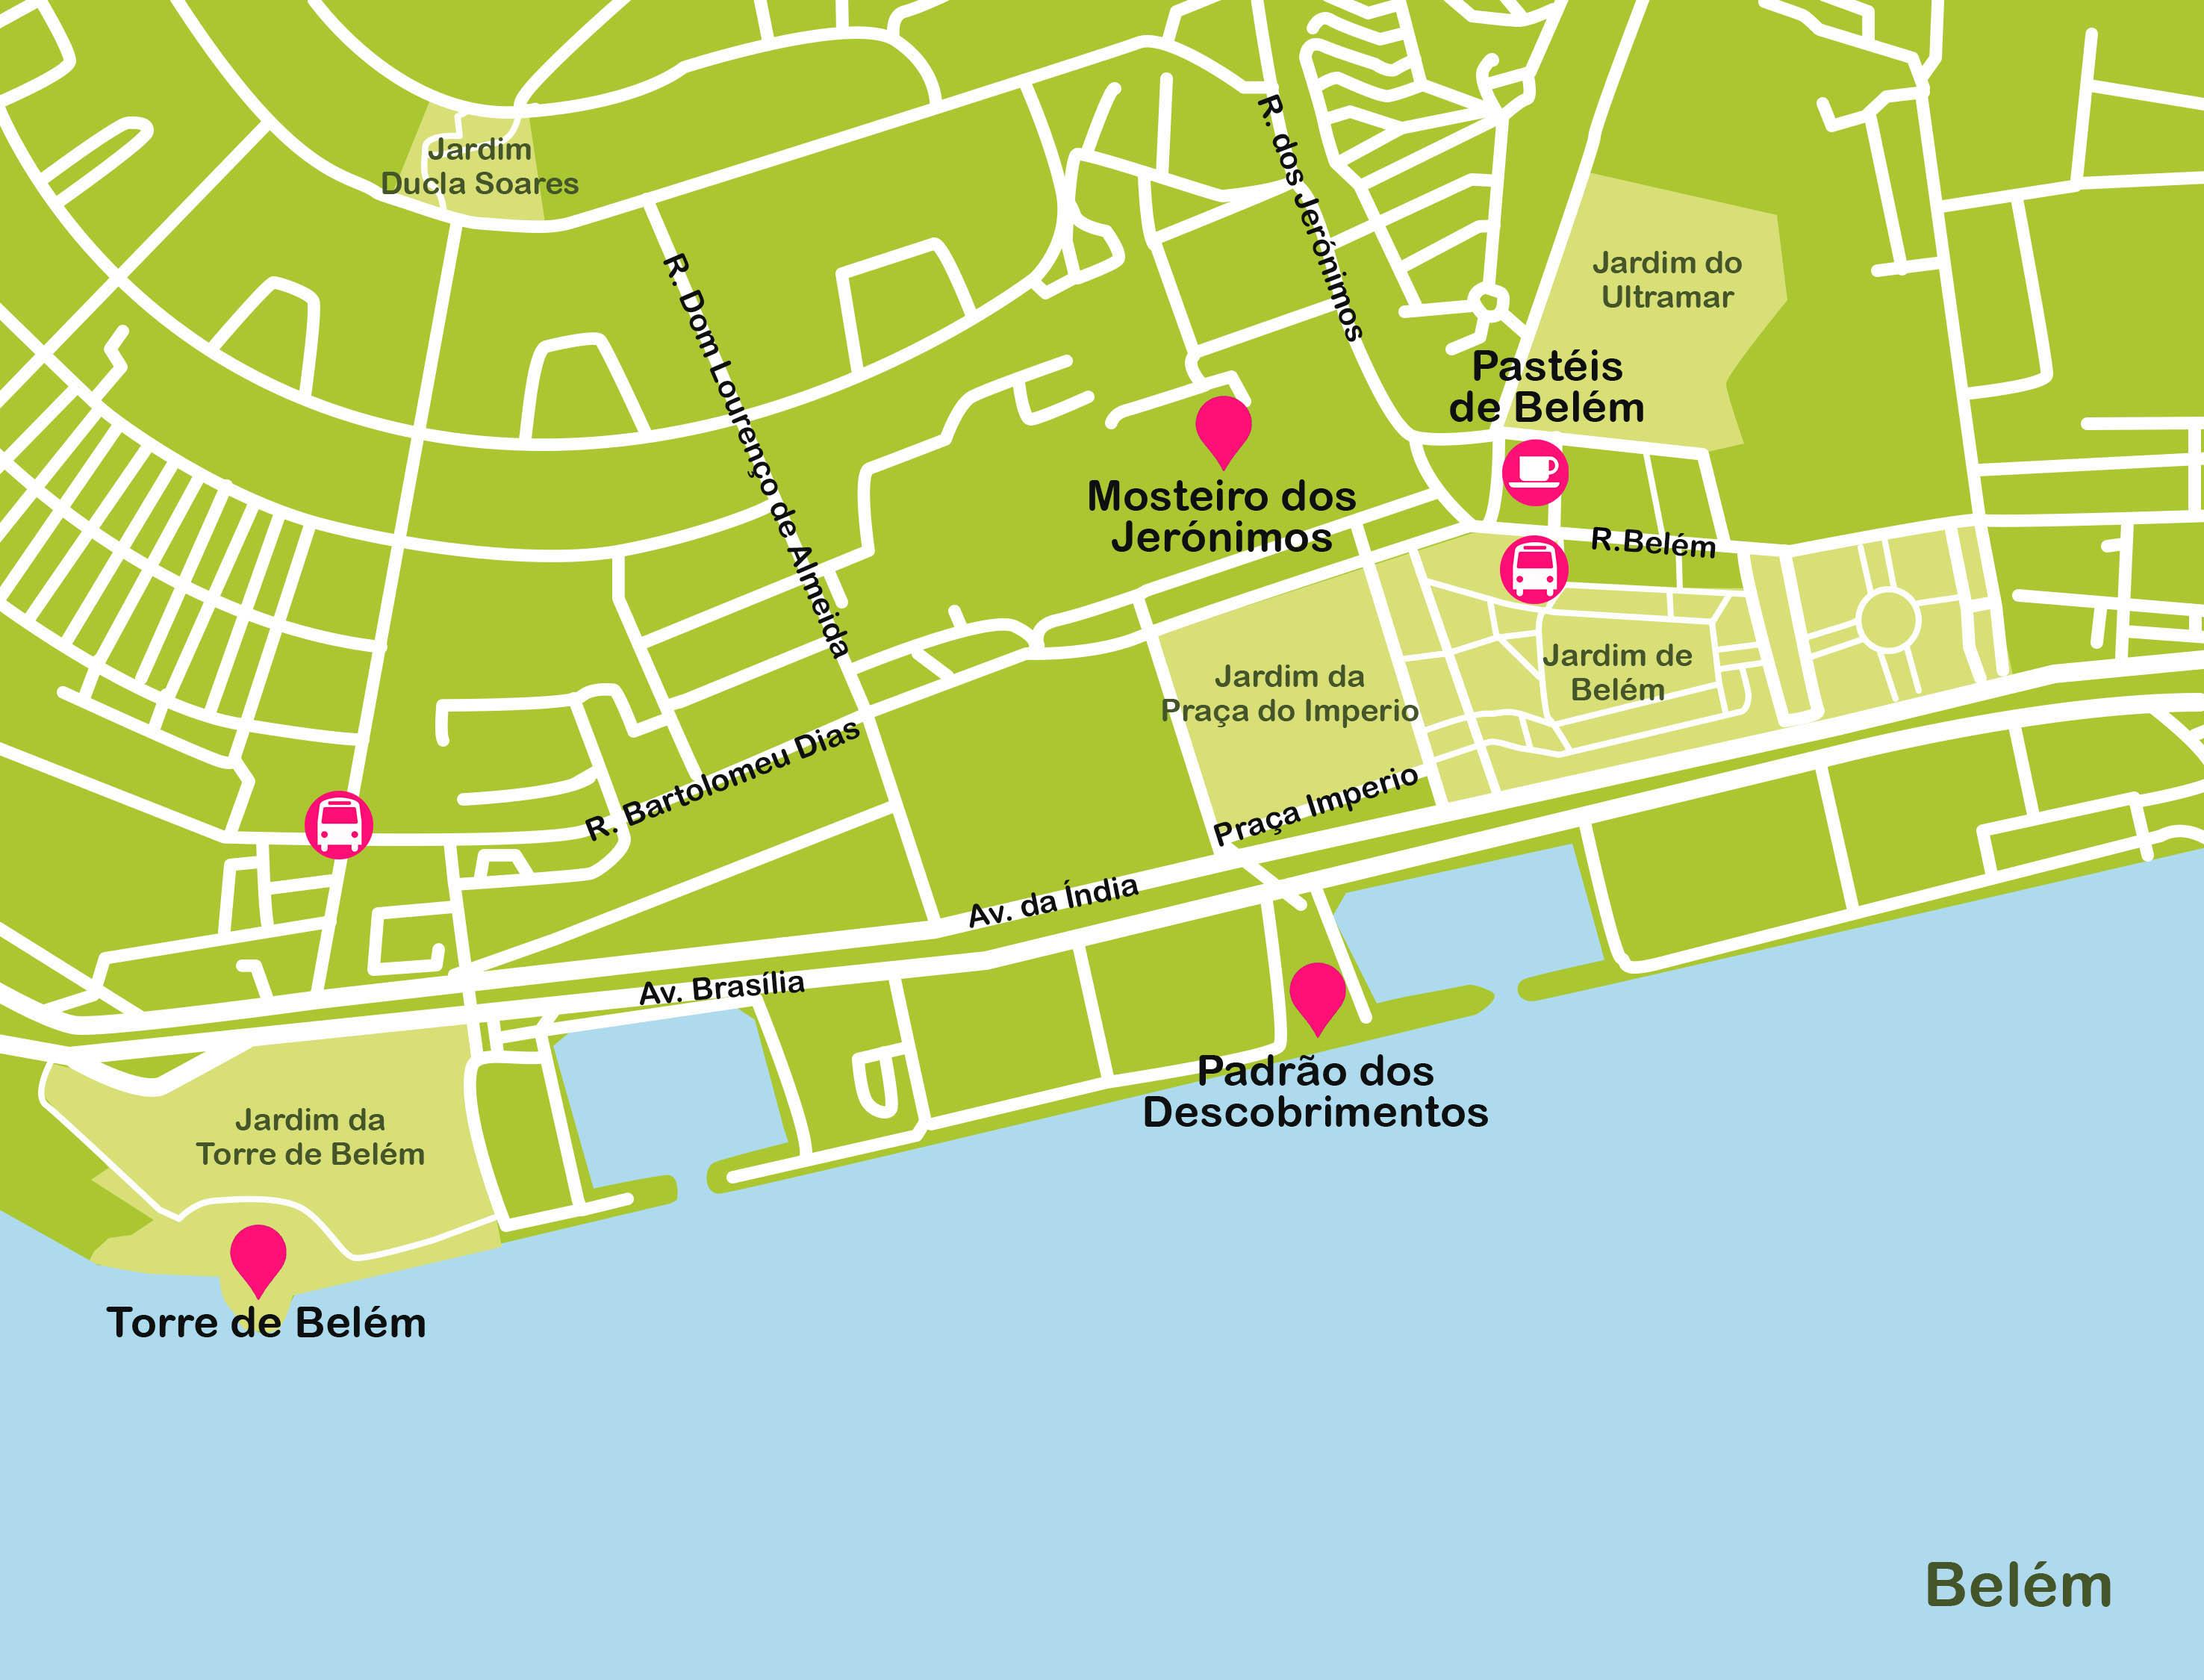 belem lisboa mapa Lisbon travel map | Lisbon plane belem lisboa mapa